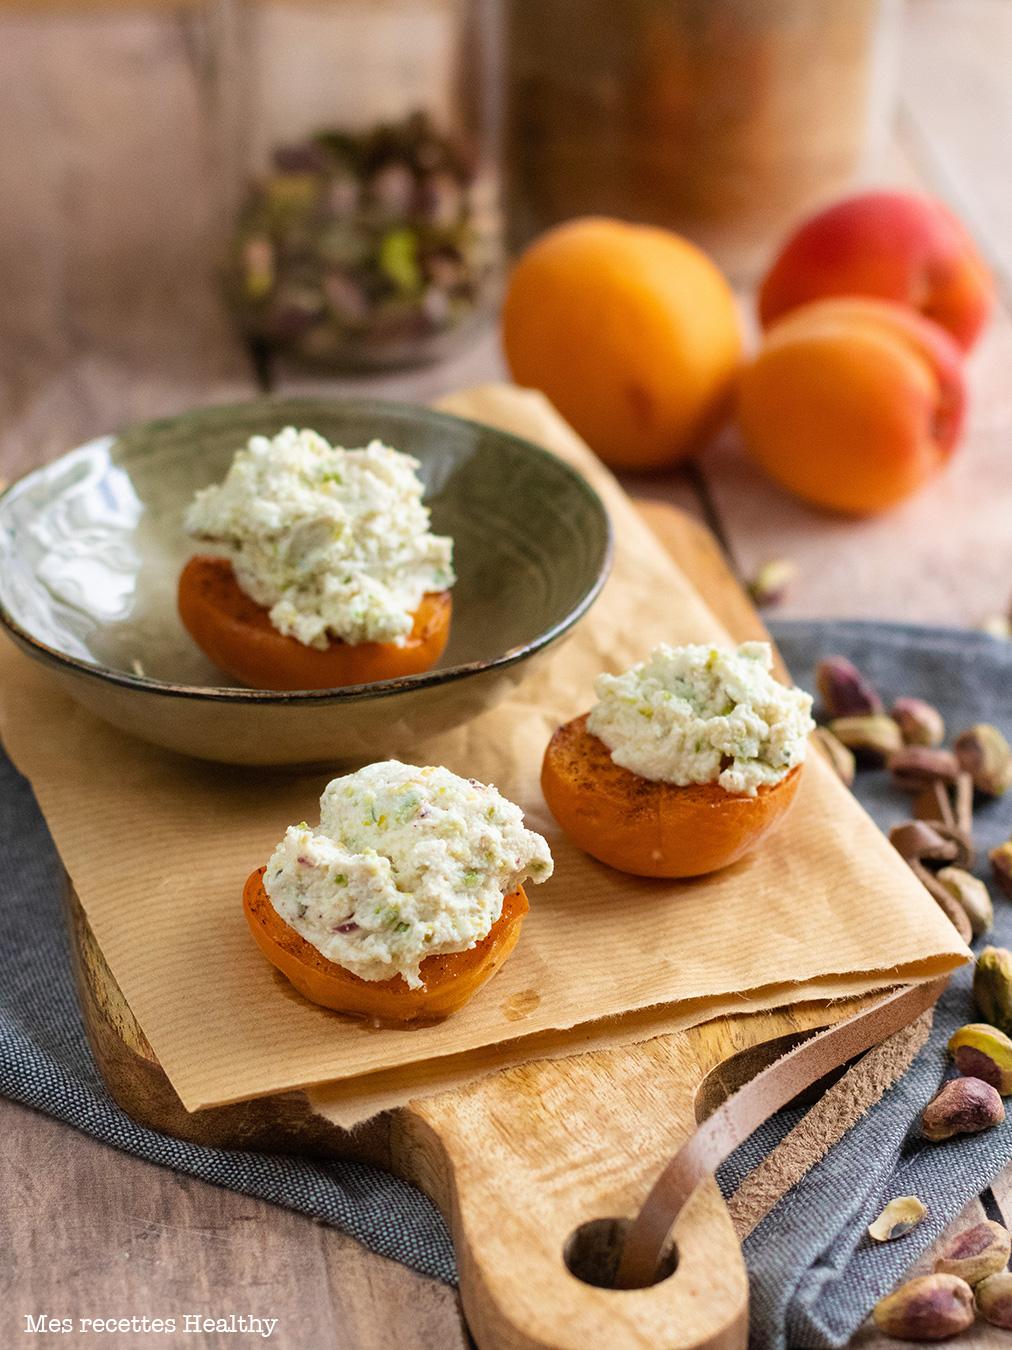 recette healthy-abricot farci-pistache-fromage frais